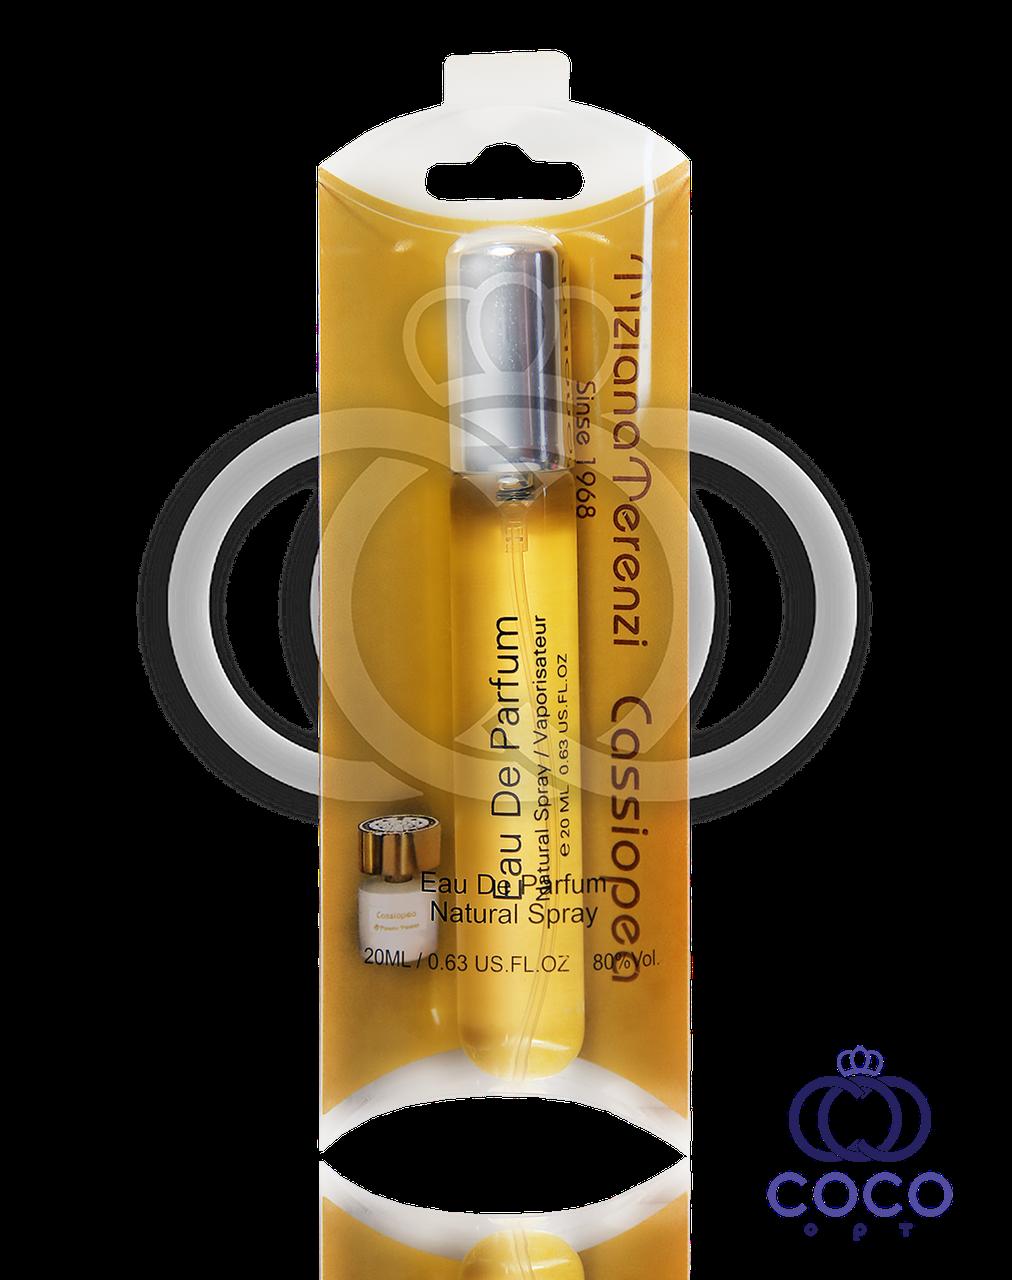 Міні парфум унісекс Tiziana Унд Cassiopea 20 Ml